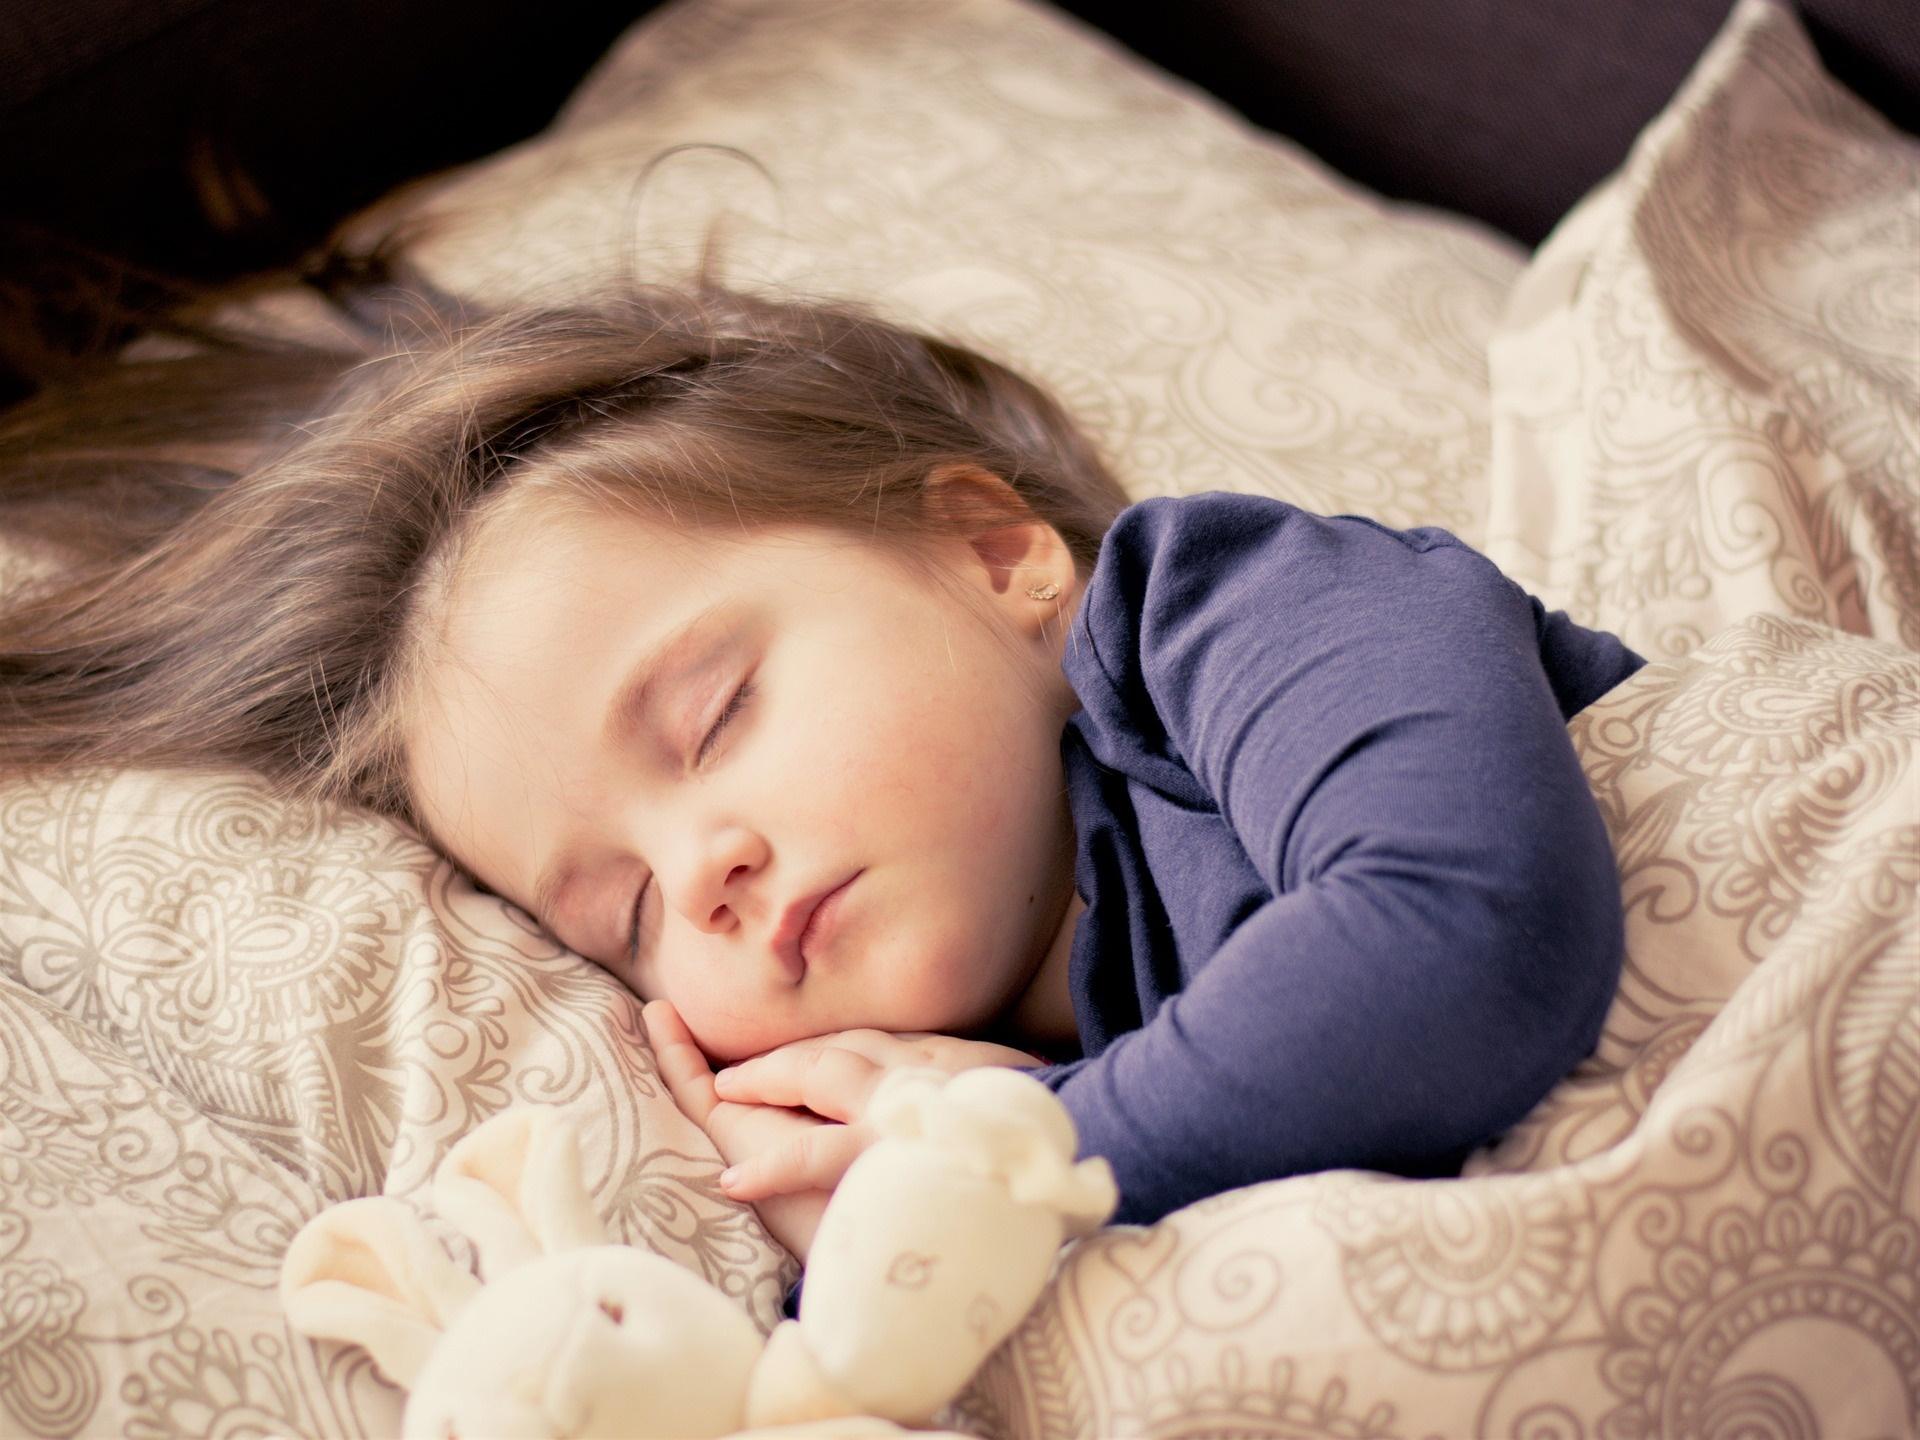 بالصور صور اجمل طفل , اجمل واروع صور الاطفال 3562 8